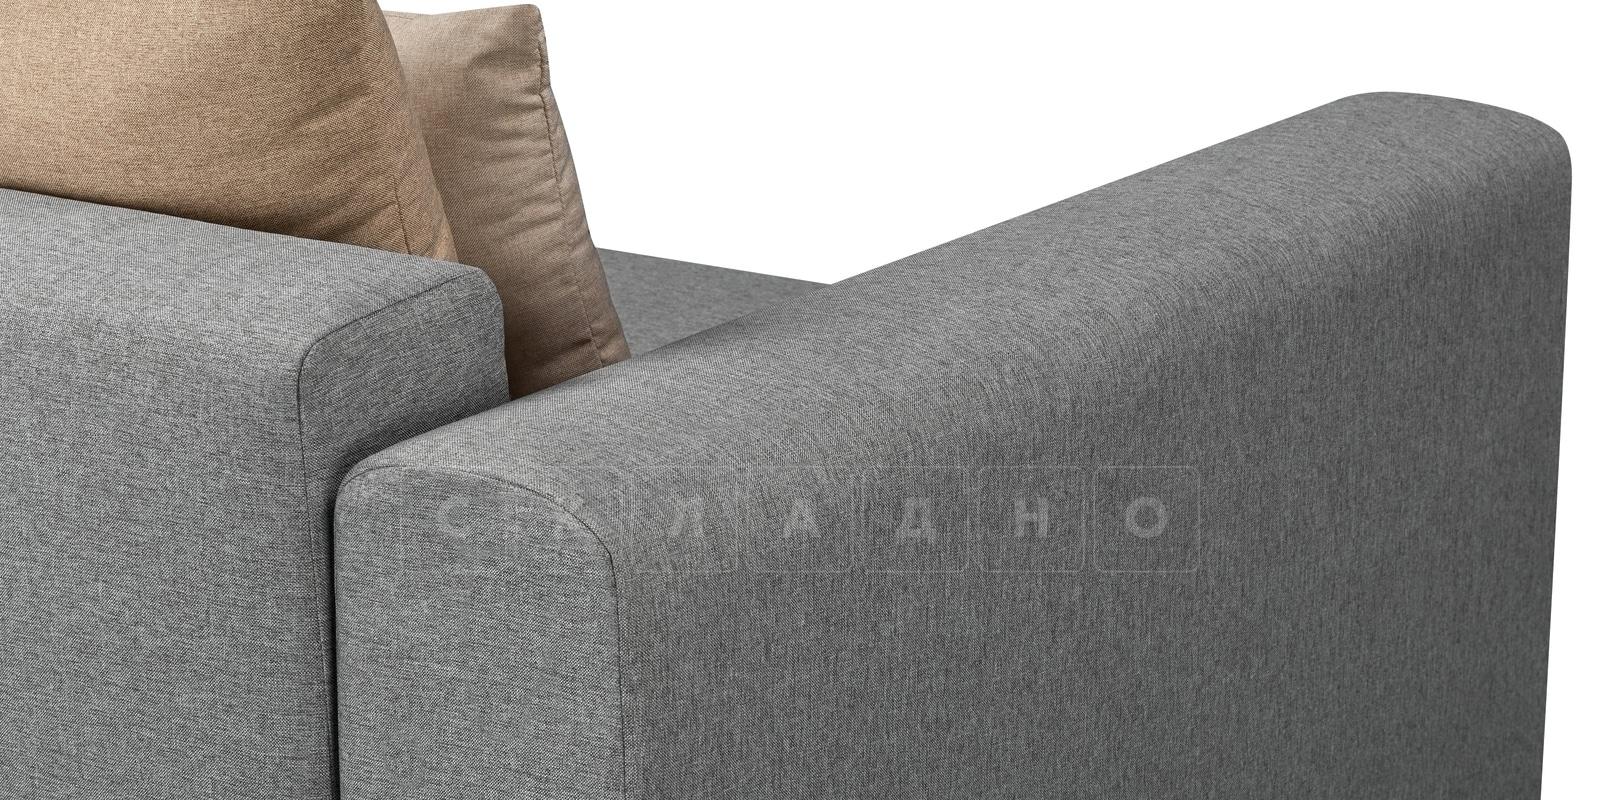 Кресло Медисон 100 см серого цвета фото 5 | интернет-магазин Складно